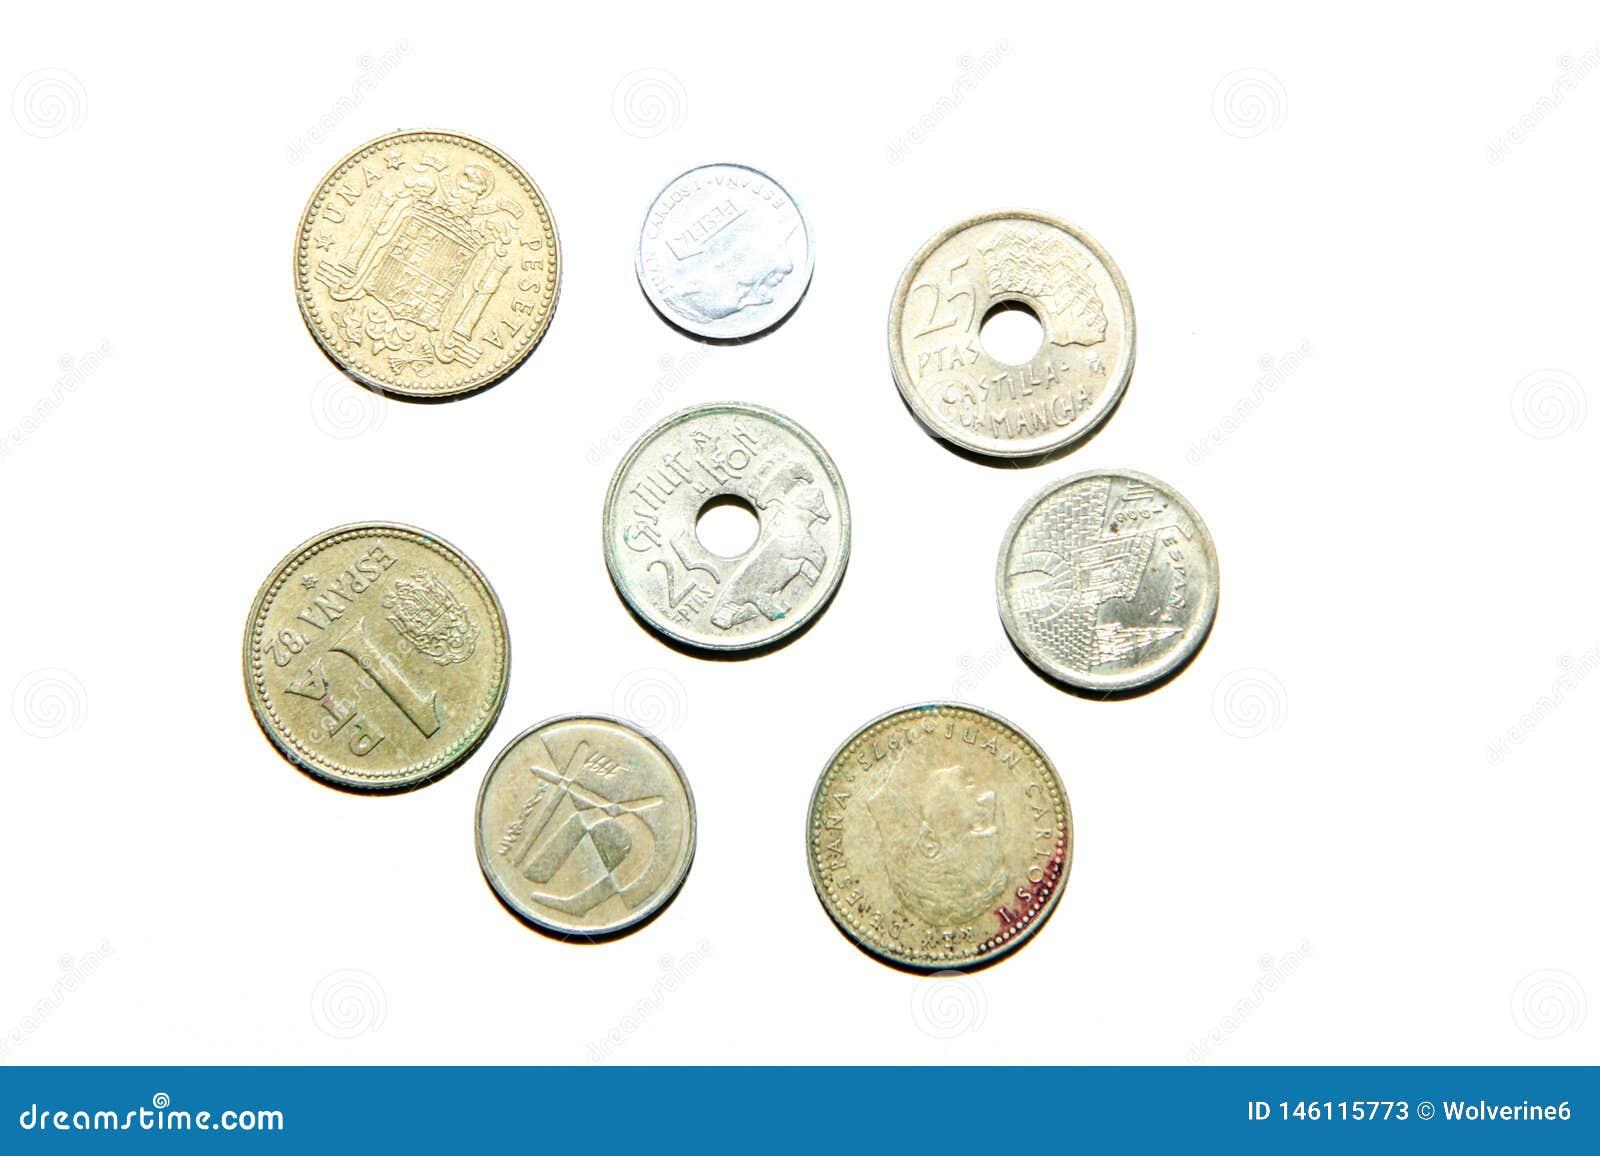 Gamla ogiltiga mynt från Spanien